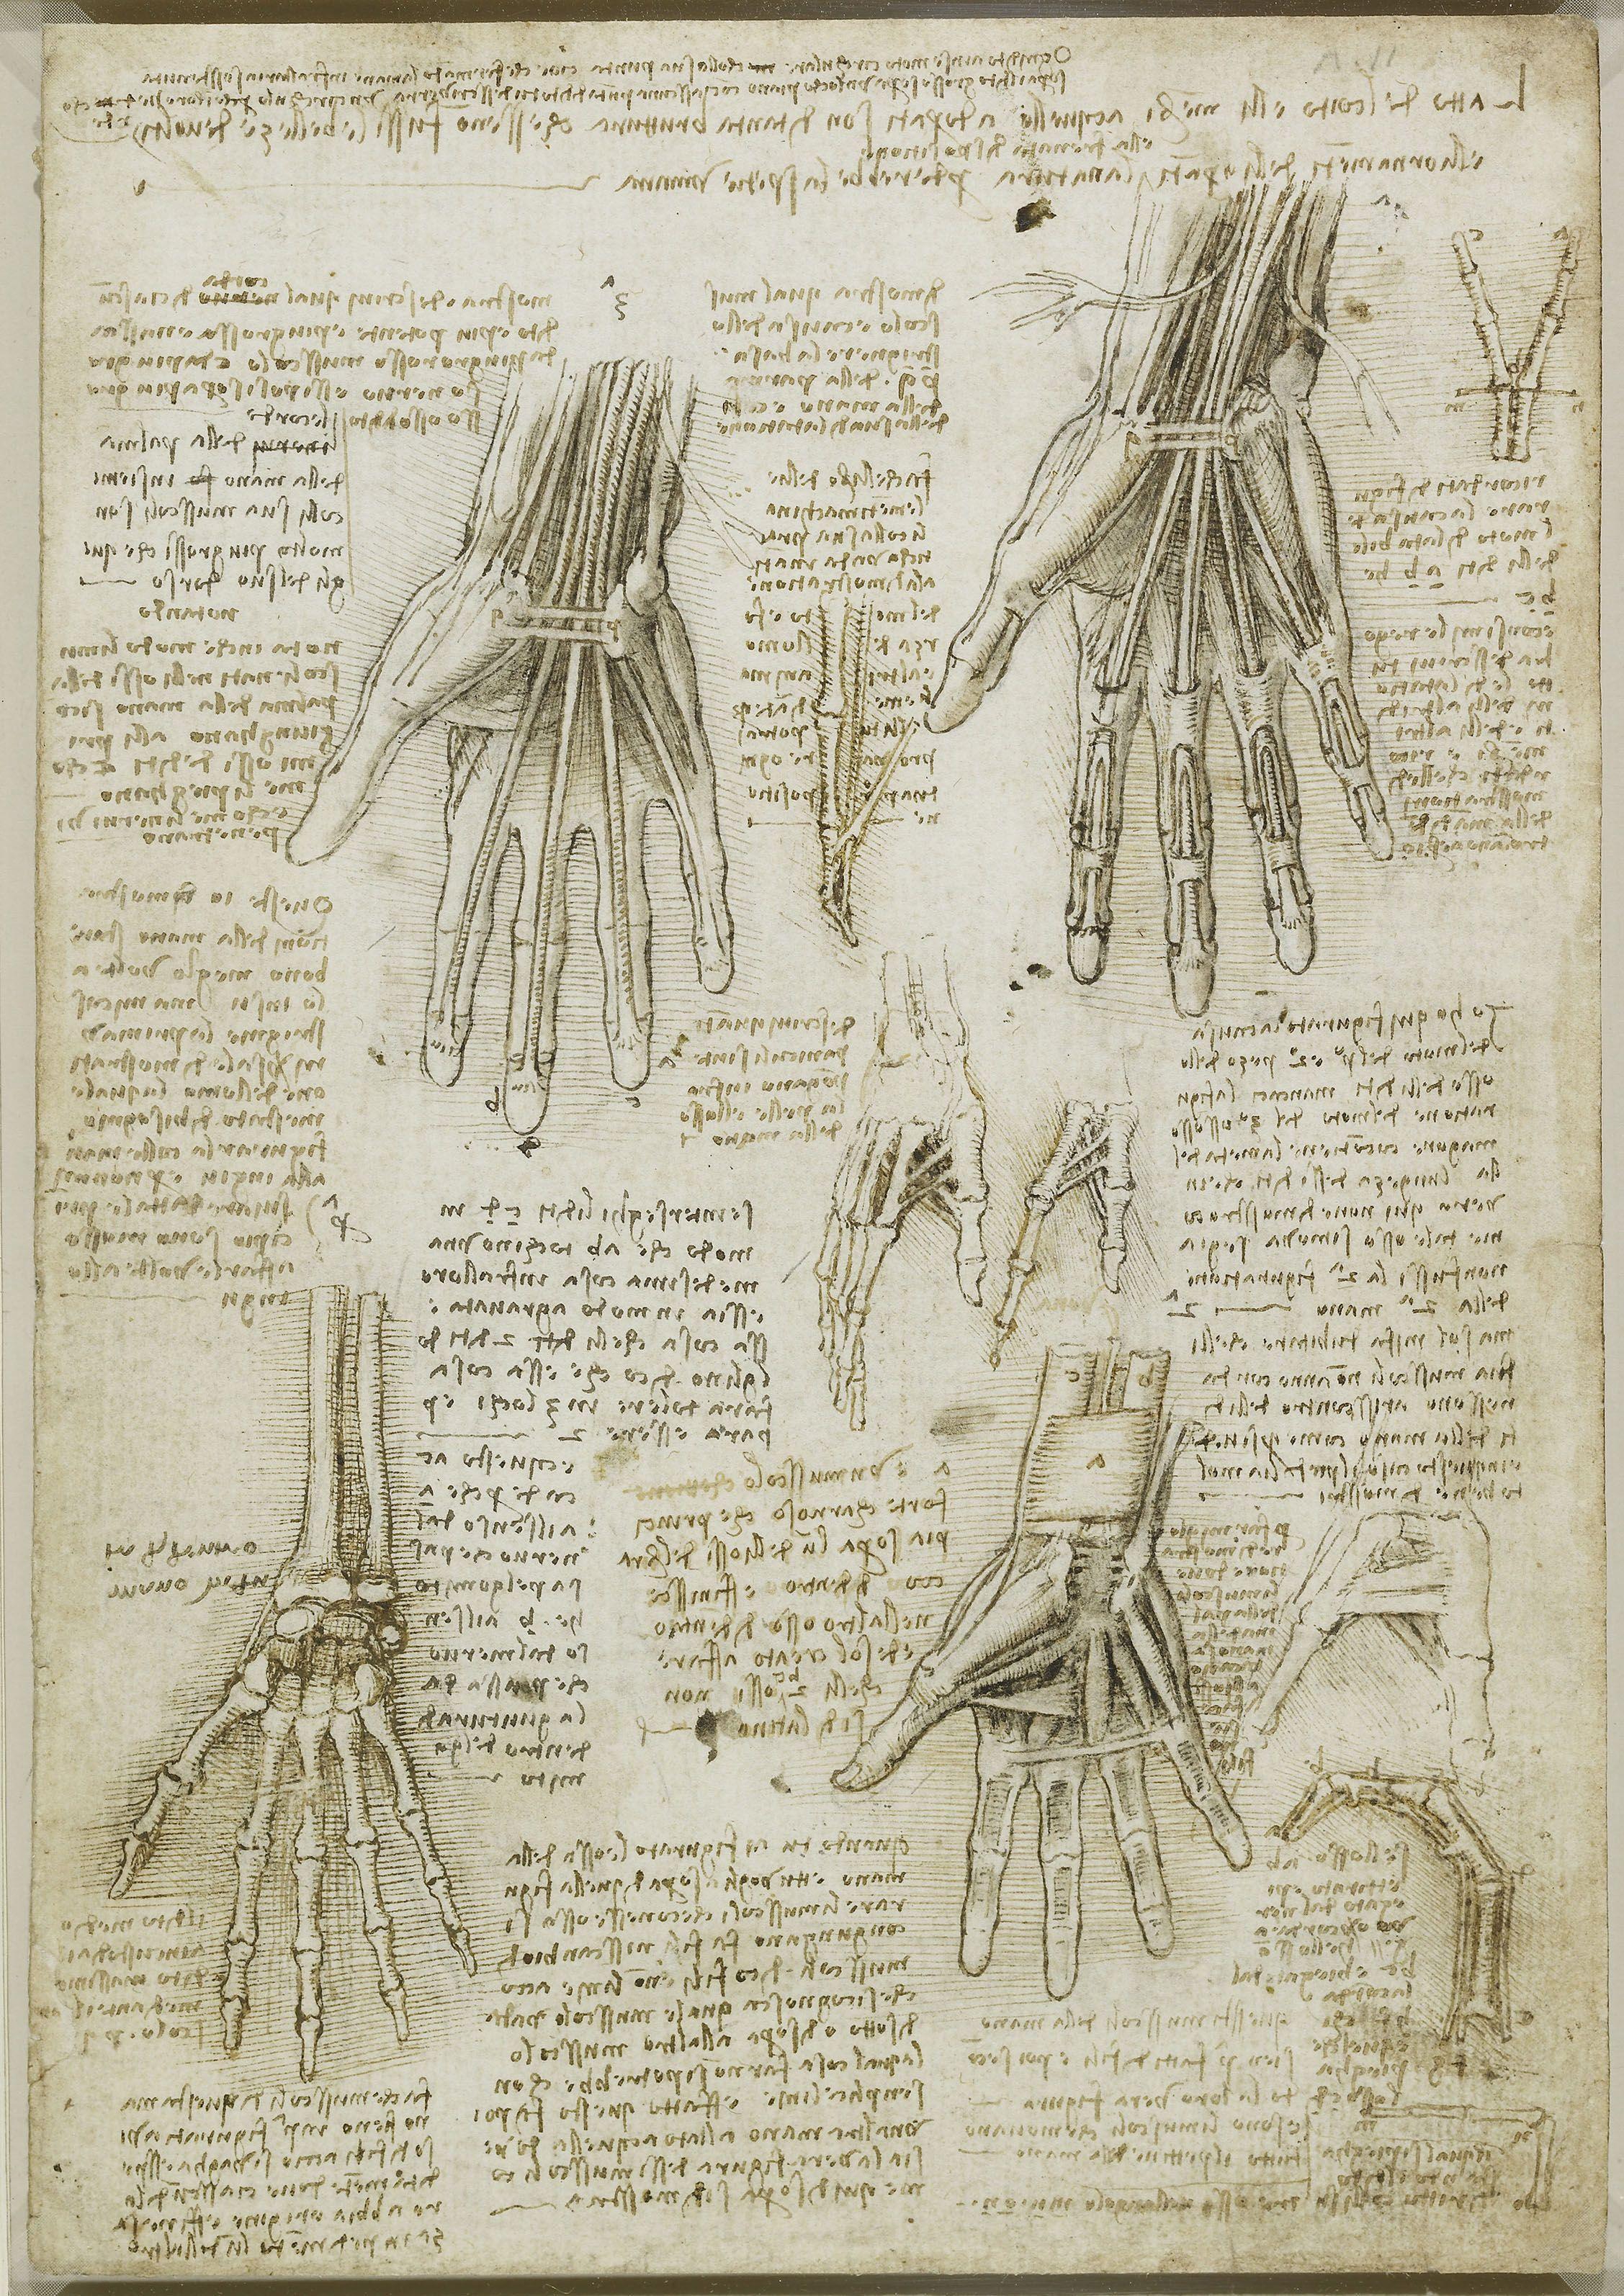 Leonardo Da Vinci. Dell\' Anatomia. The bones, muscles and tendons of ...